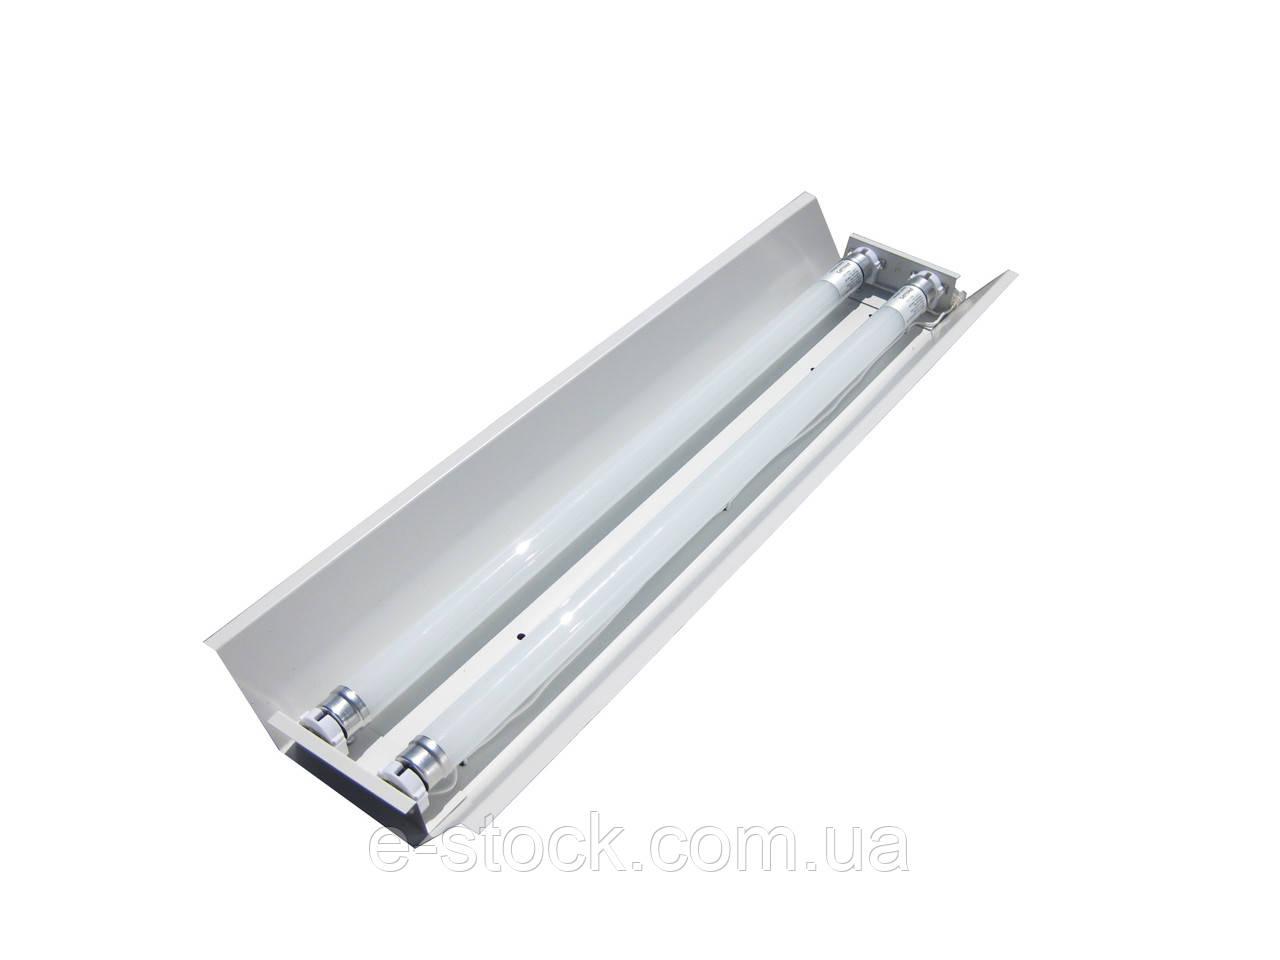 Светильник открытый под две led лампы 60см СПВ 02-600 стандарт MSK Electric